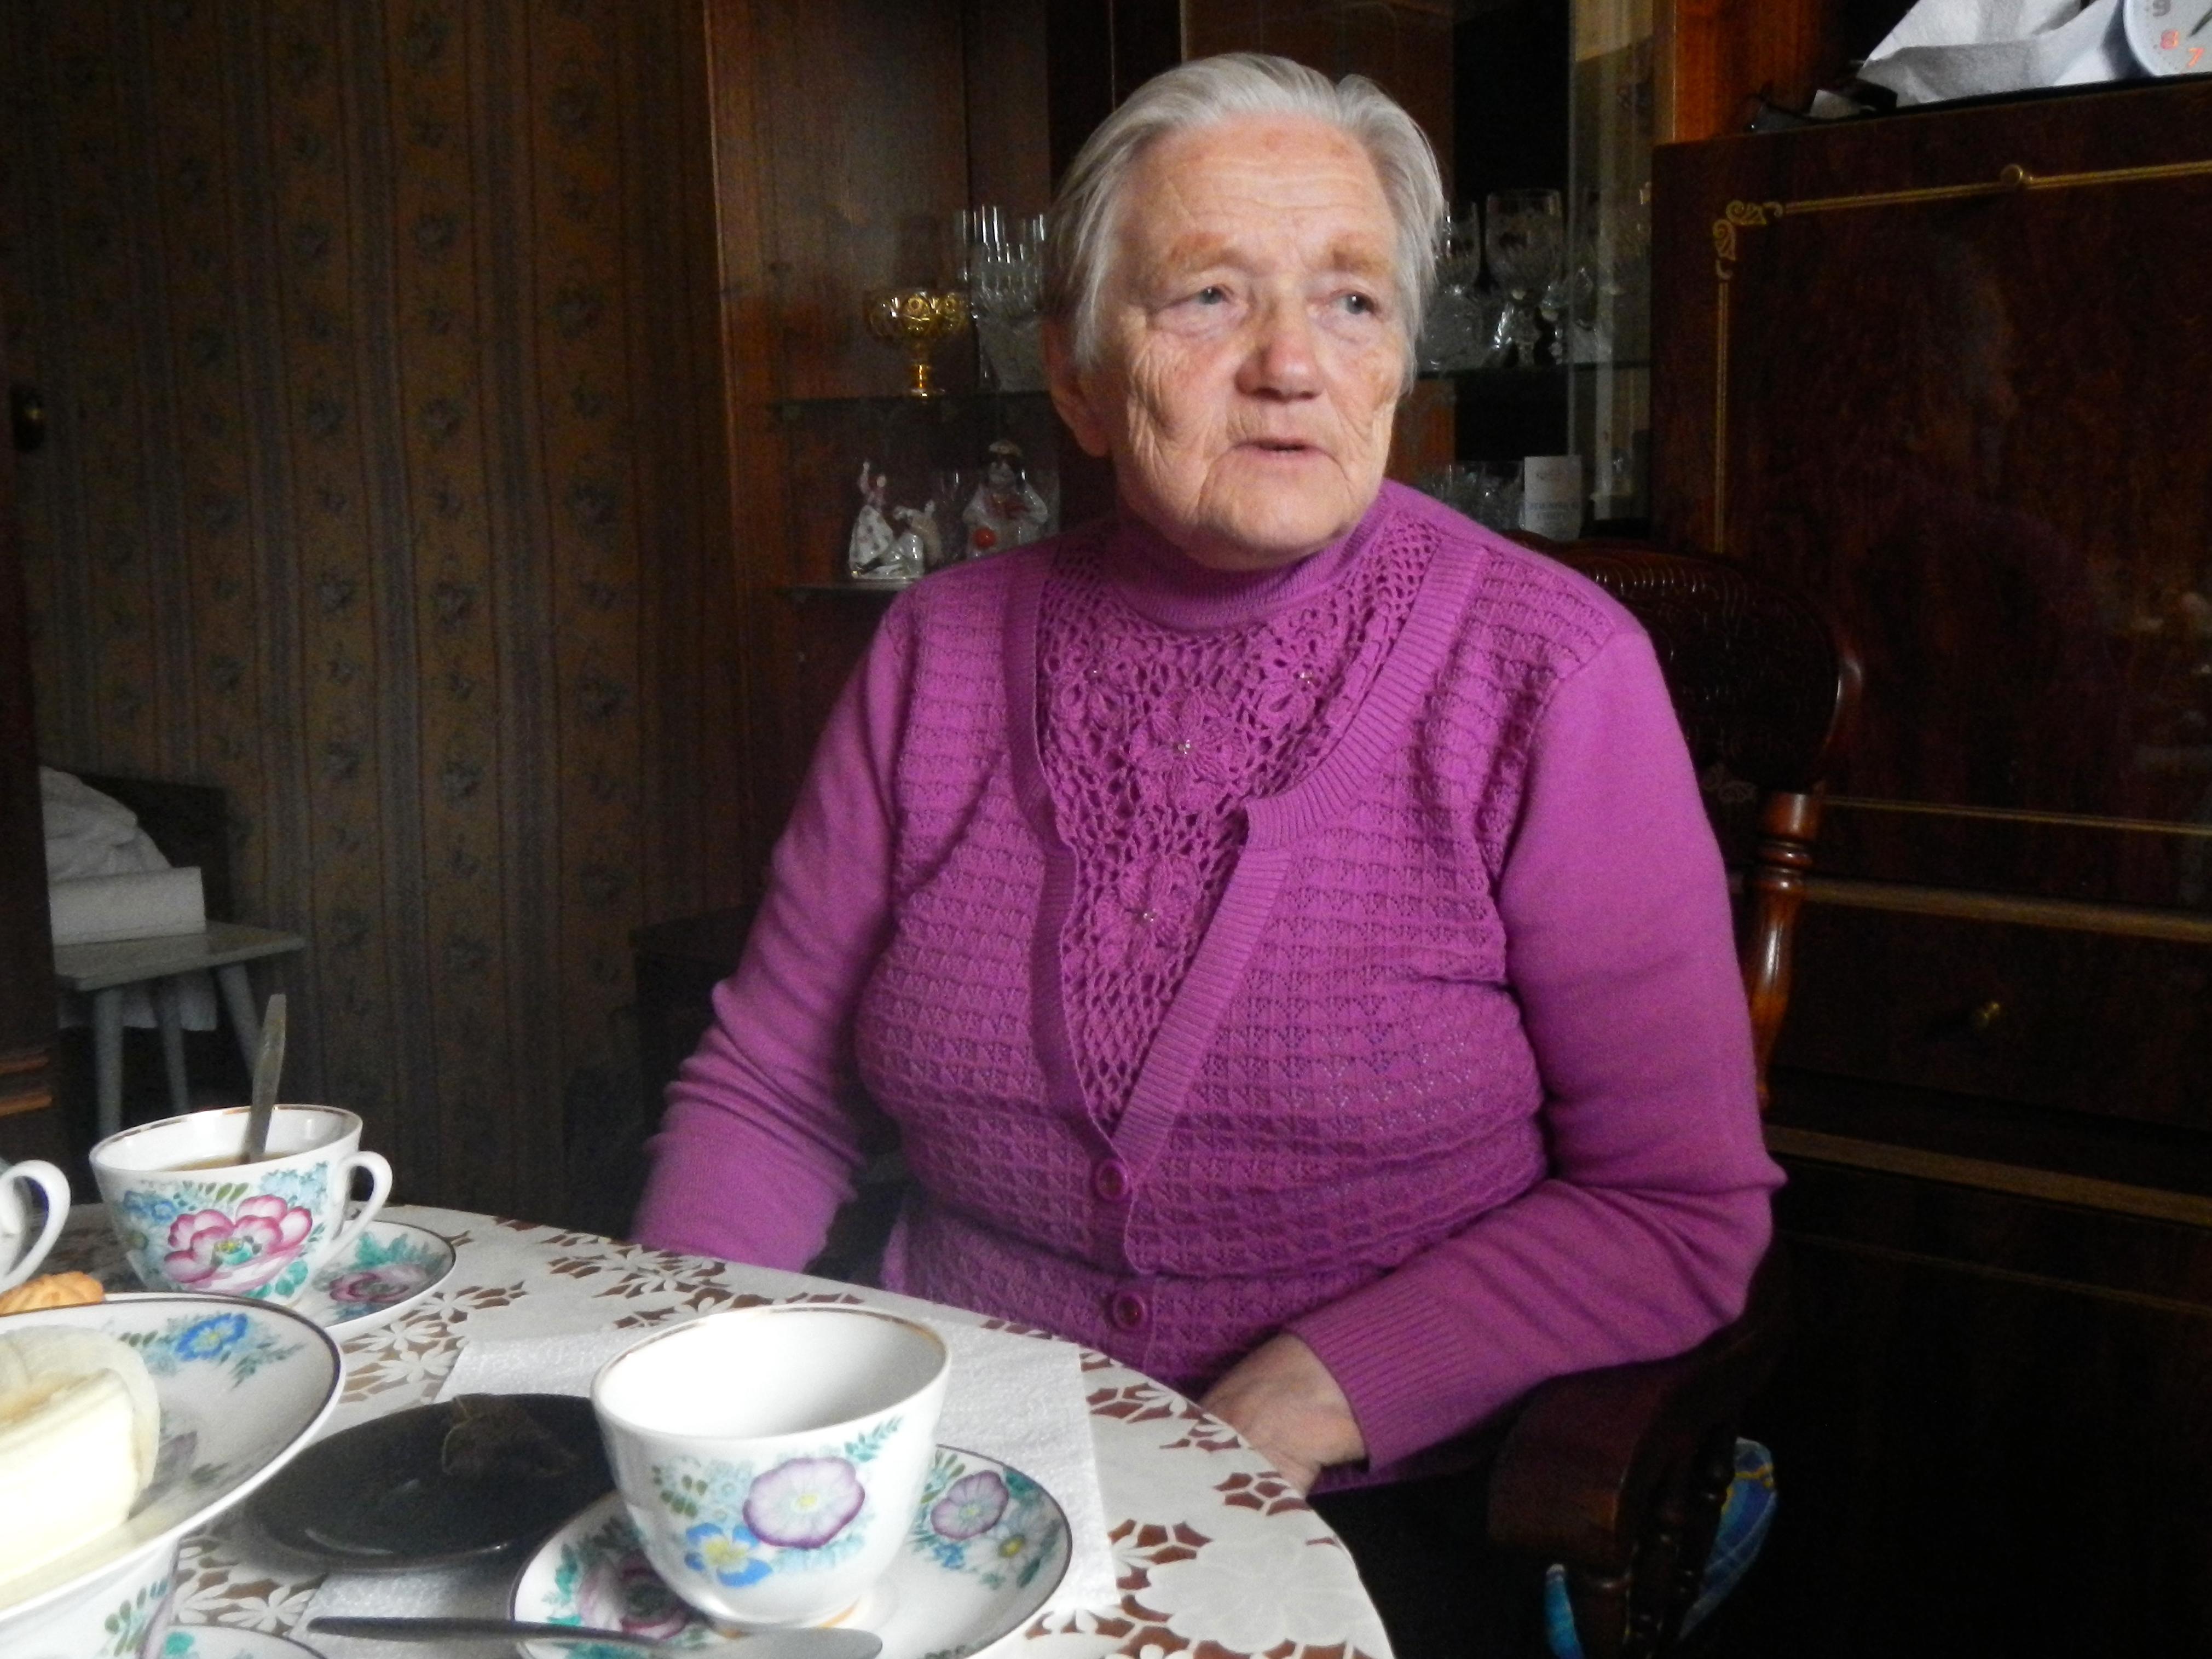 Зинаида. Рођена је у ижорској породици. Била је дете кад је почео рат. Преживела је ужасе немачке окупације и била у концентрационом логору. Дуго се бавила риболовом, и у више наврата је ризиковала живот за време буре. Илустрација: Олег Скрипњик.